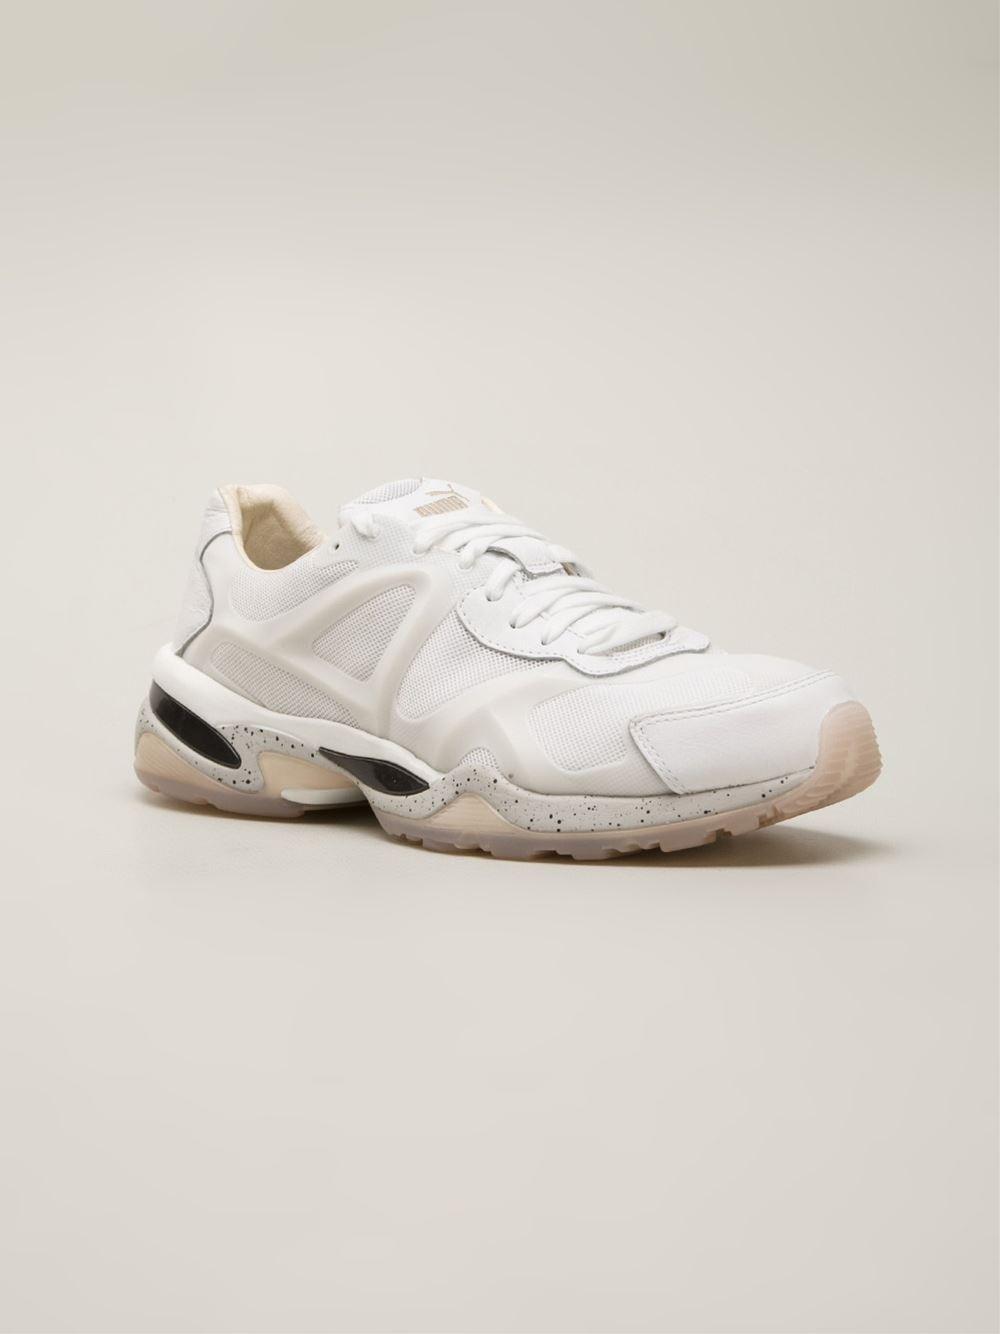 0f831c8f185 Lyst - Alexander McQueen X Puma Alexander Mcqueen  Run Lo  Sneakers ...